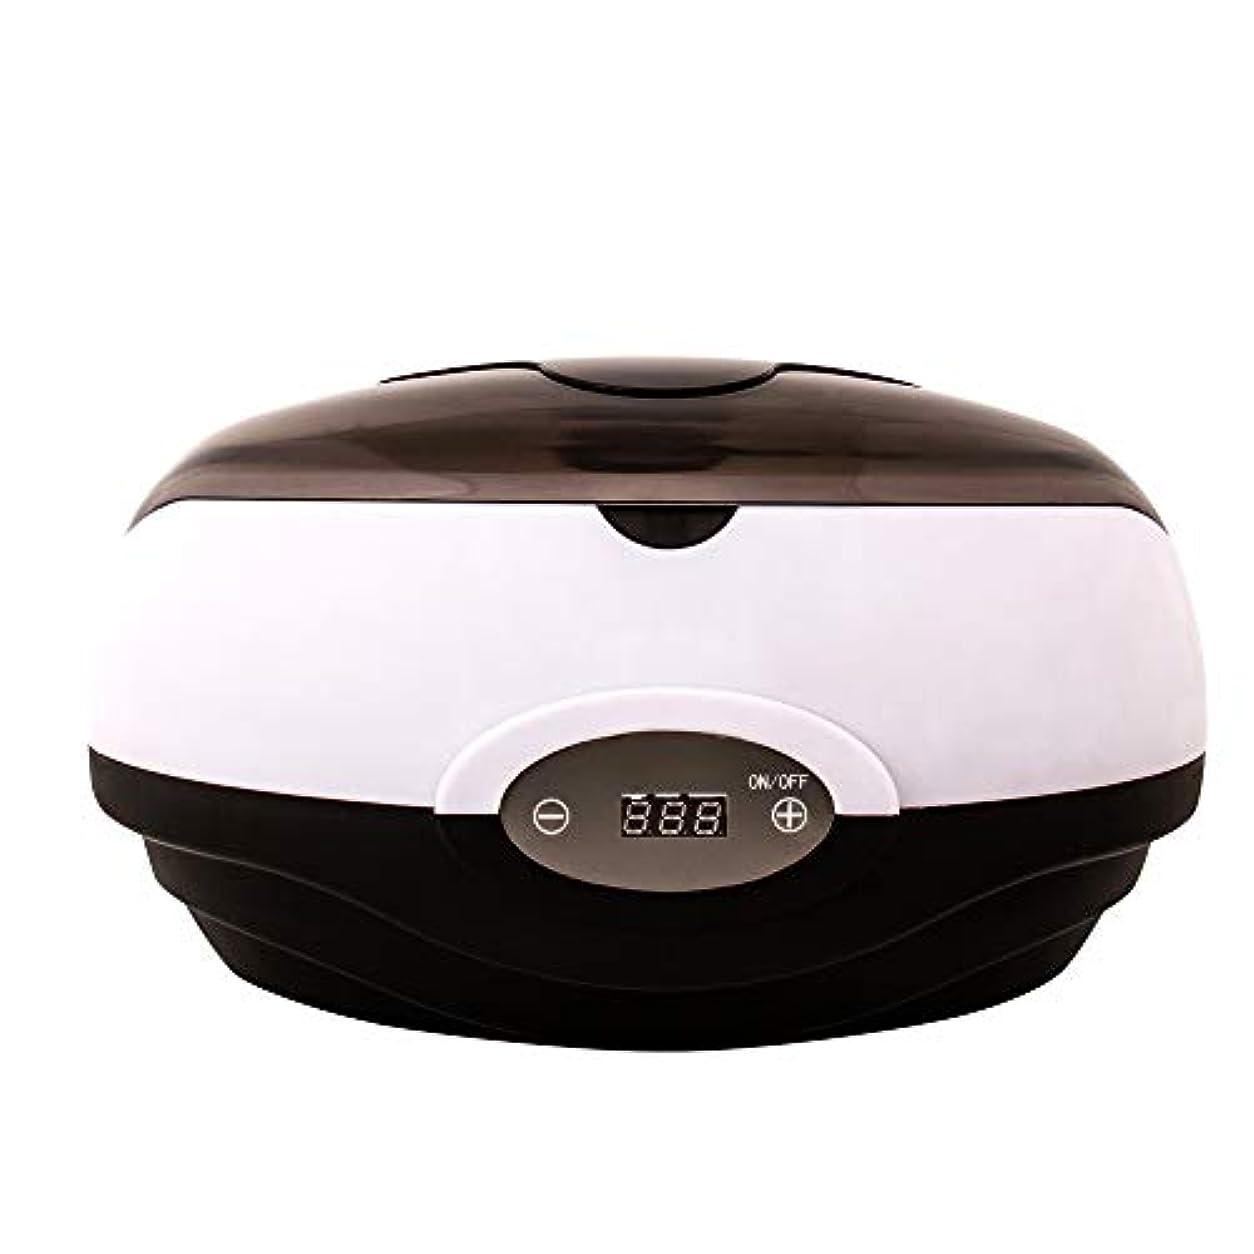 大騒ぎスプーンきょうだいワックスヒーター電子温度制御パラフィンスキンケア手ワックスマシンバスタブワックス鍋ワックス美容院機器用ホームとサロン